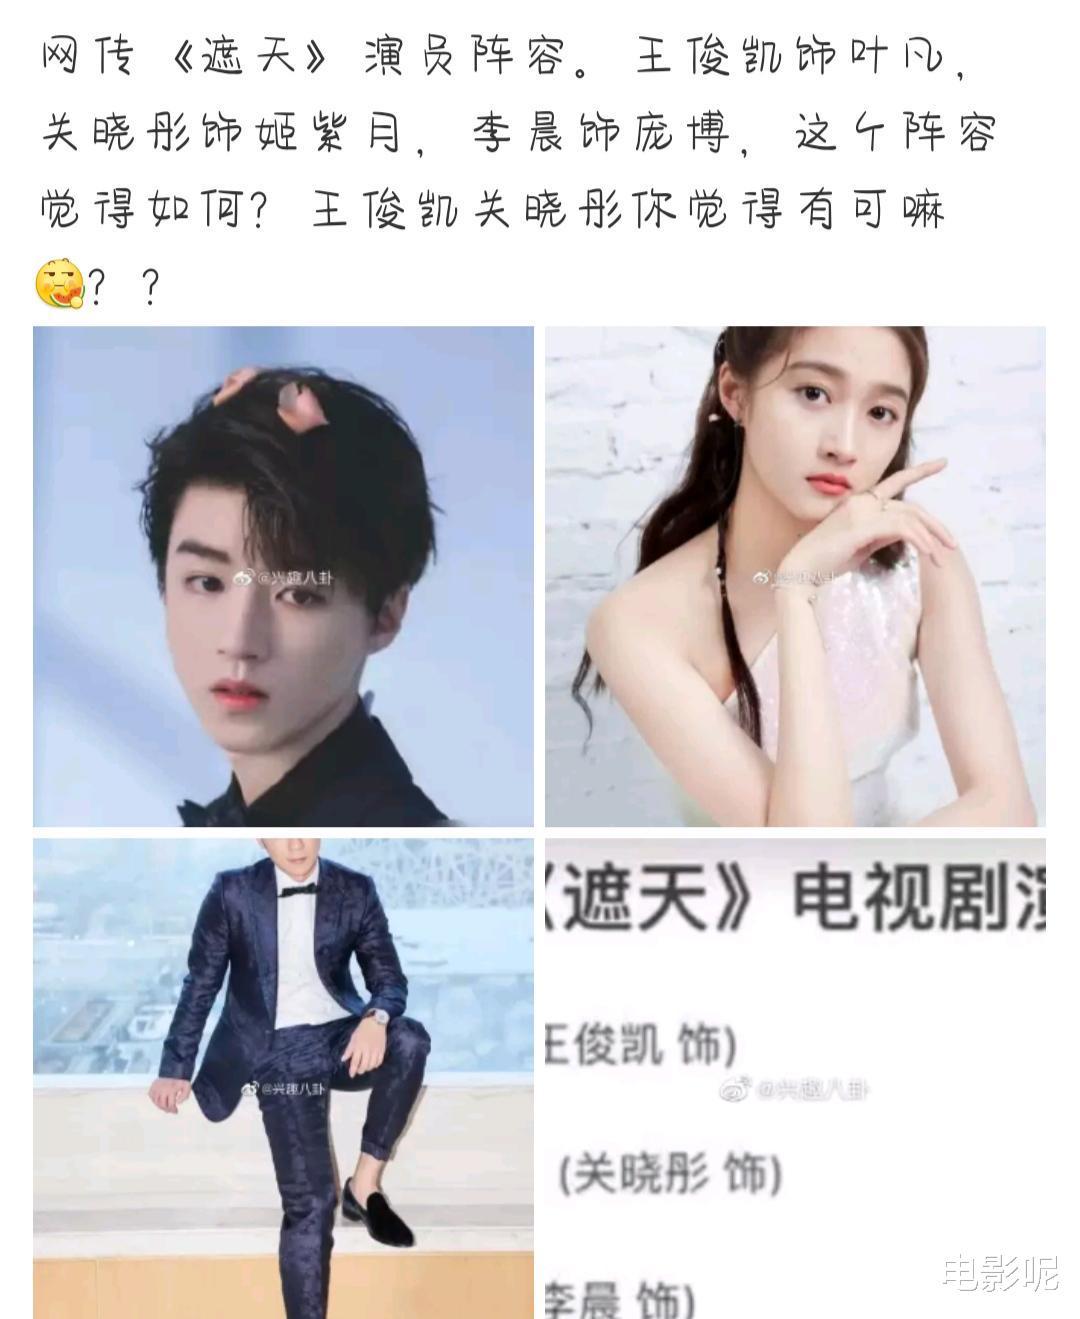 这对CP你会嗑吗?网传王俊凯和关晓彤将合作古装剧《遮天》